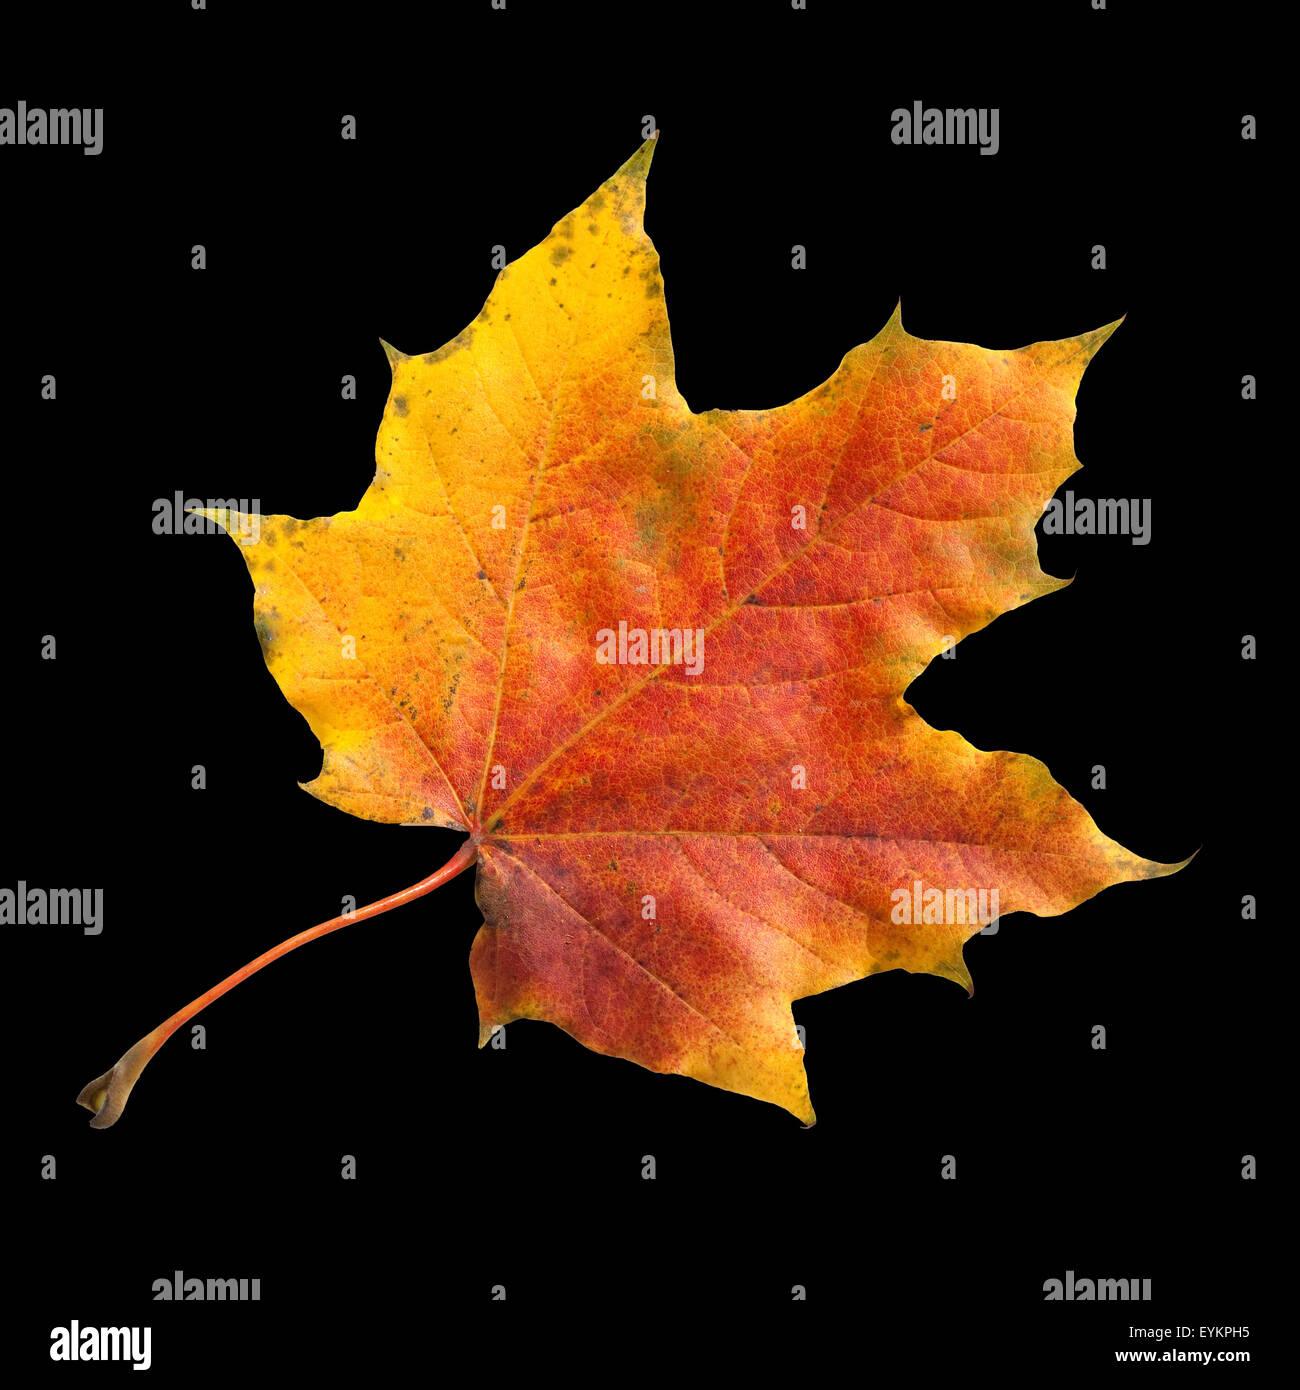 Ahornblatt; Ahornbaum; Herbstblaetter; Immagini Stock